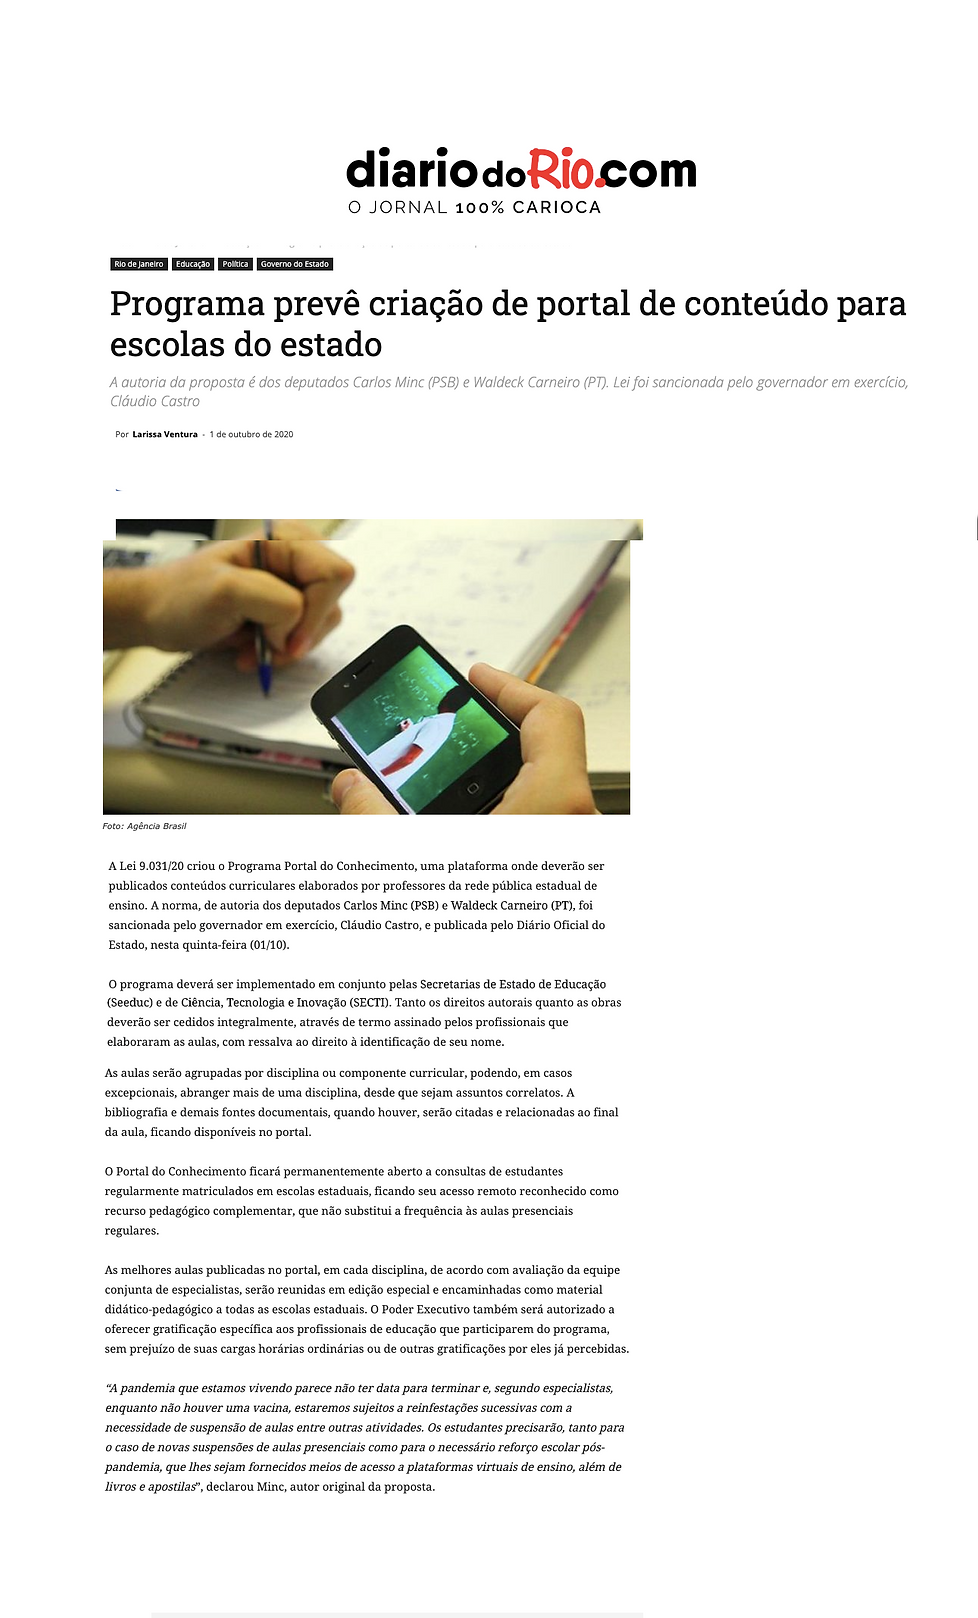 screenshot-diariodorio.com-2020.10.05-10